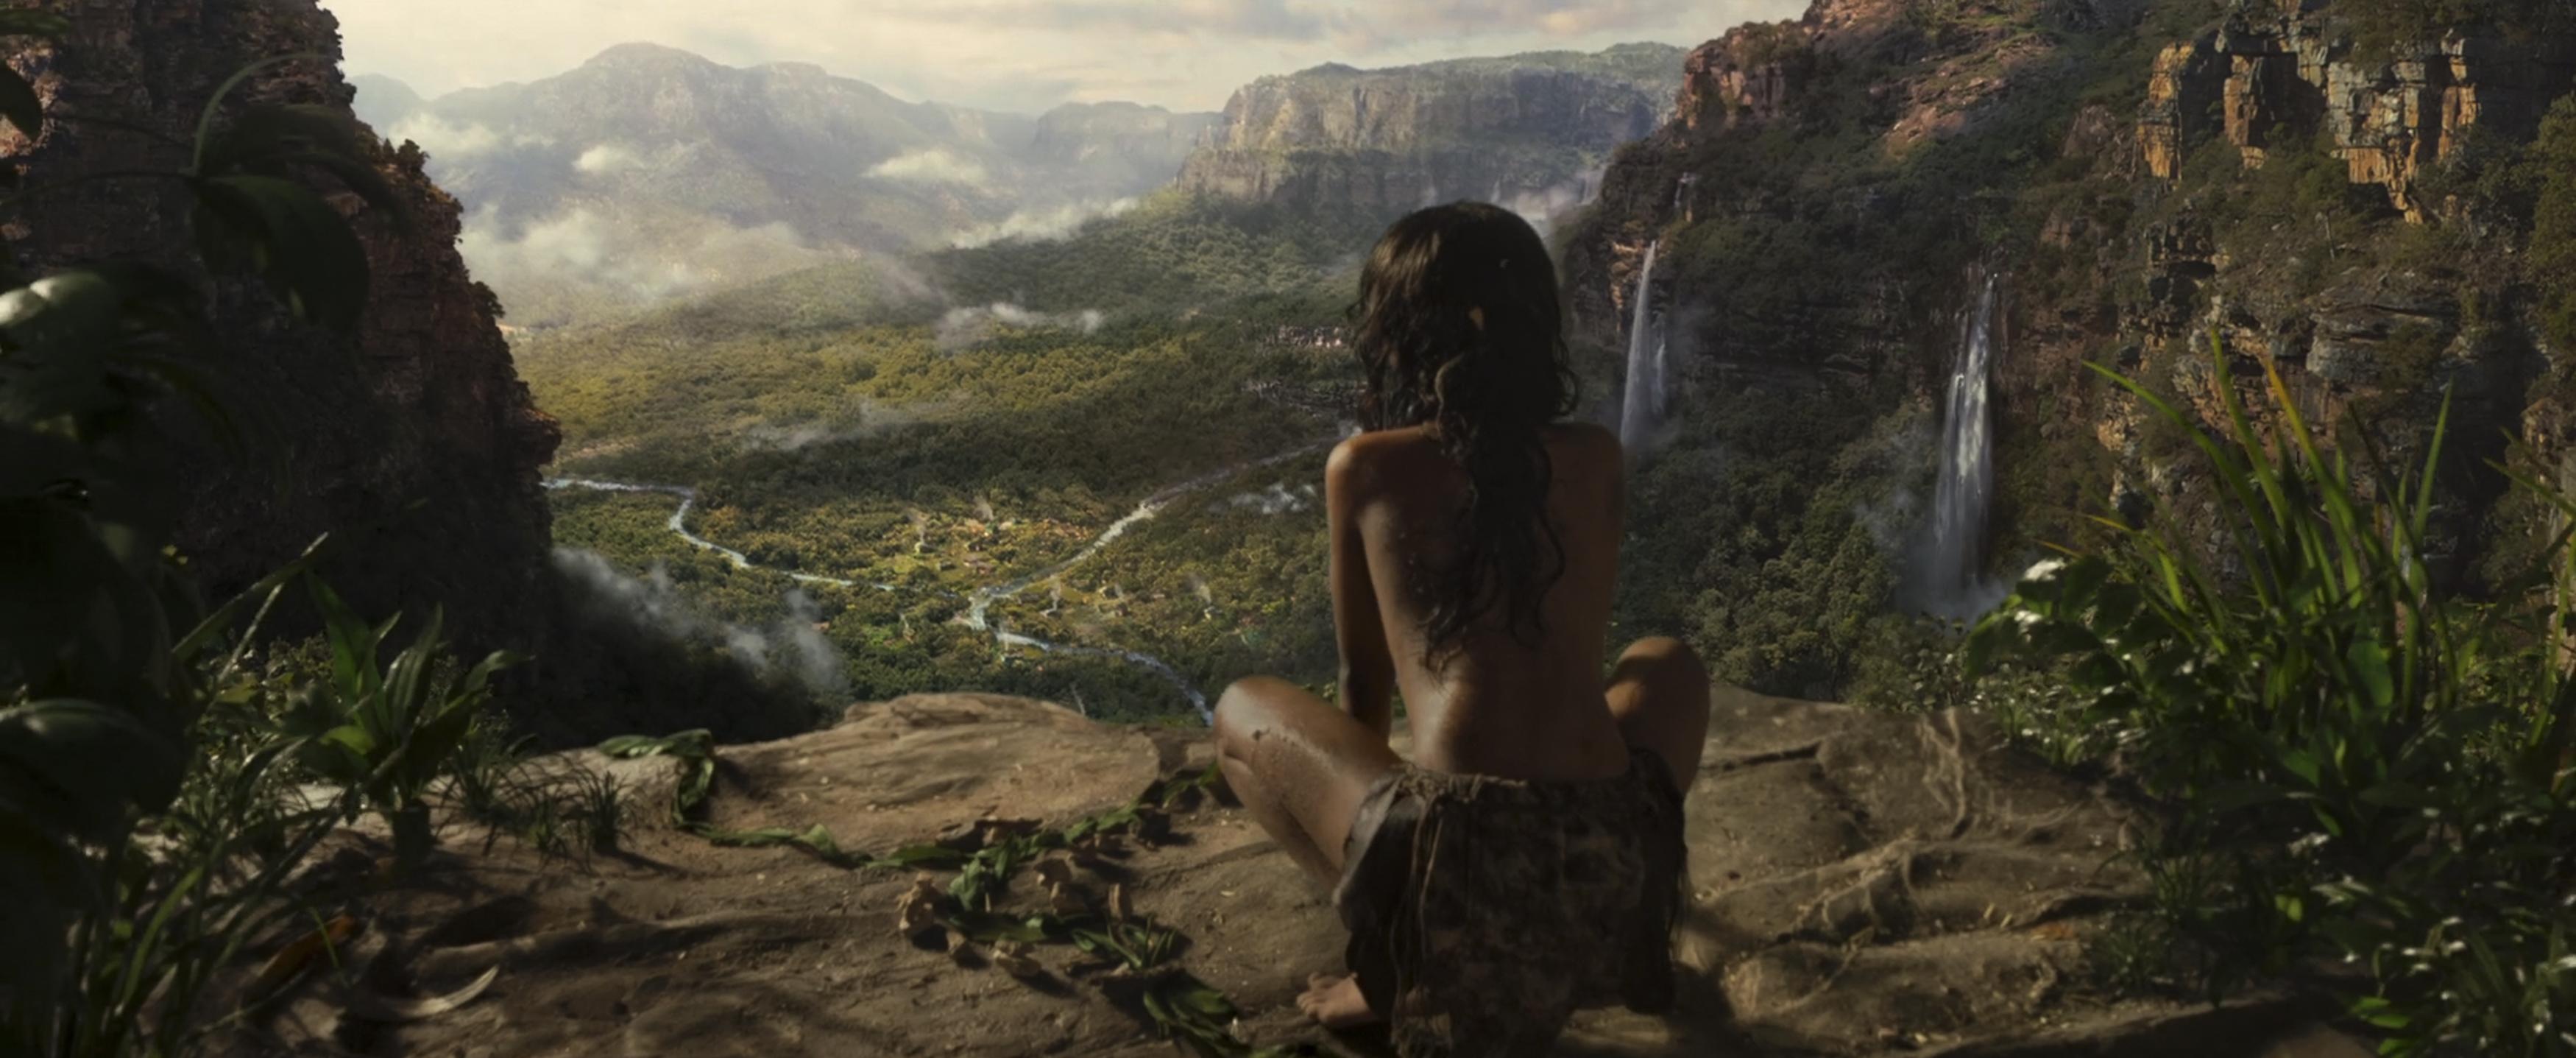 mowgli-picture-3